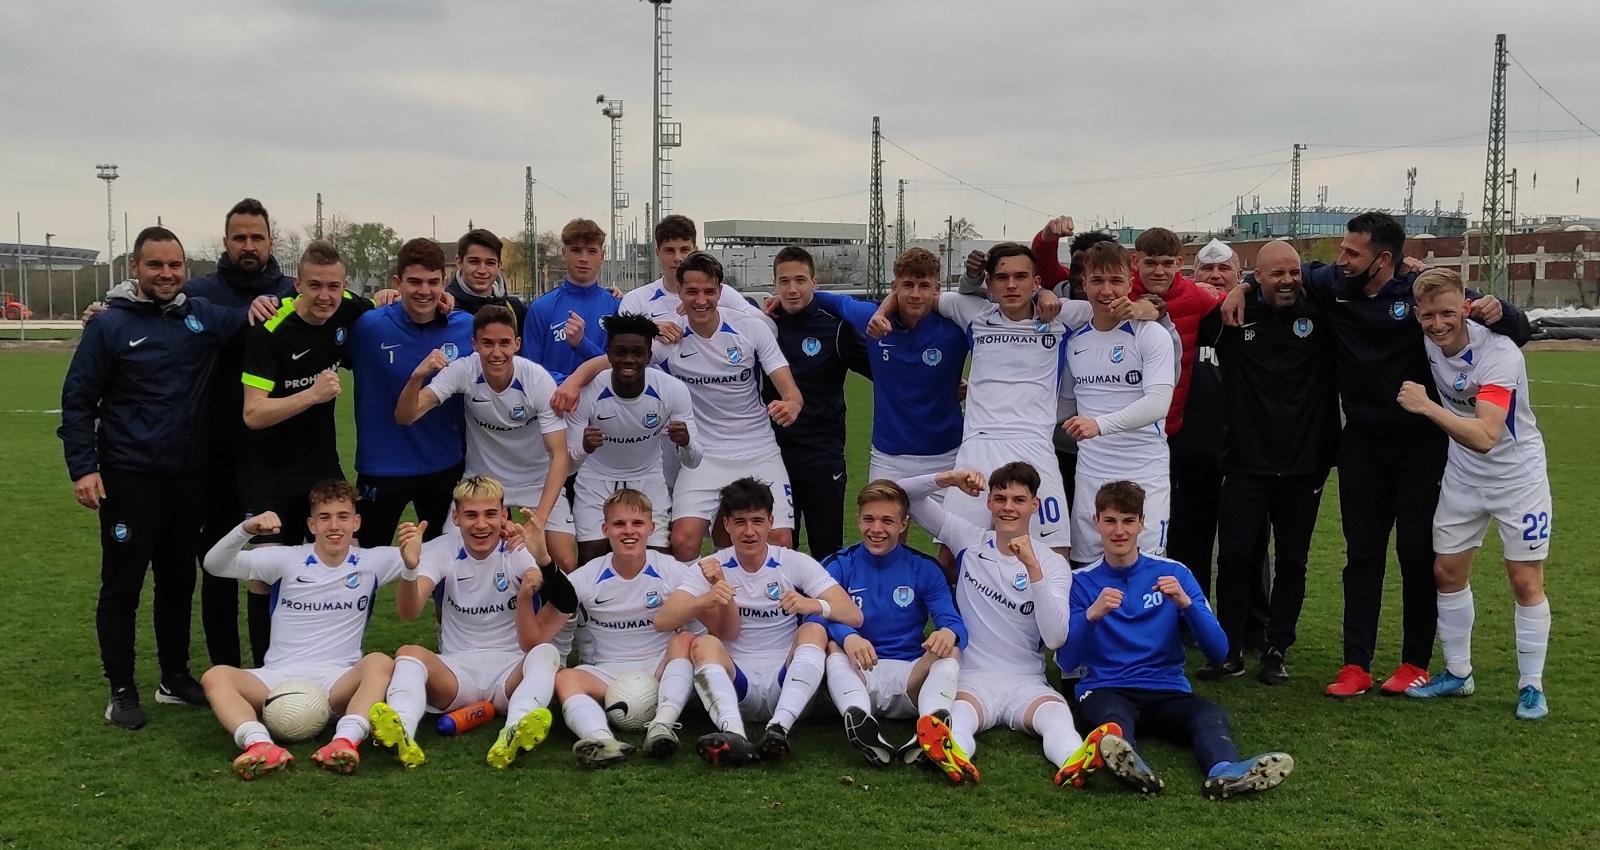 U19: Nagy munka volt ebben a győzelemben (GALÉRIA)